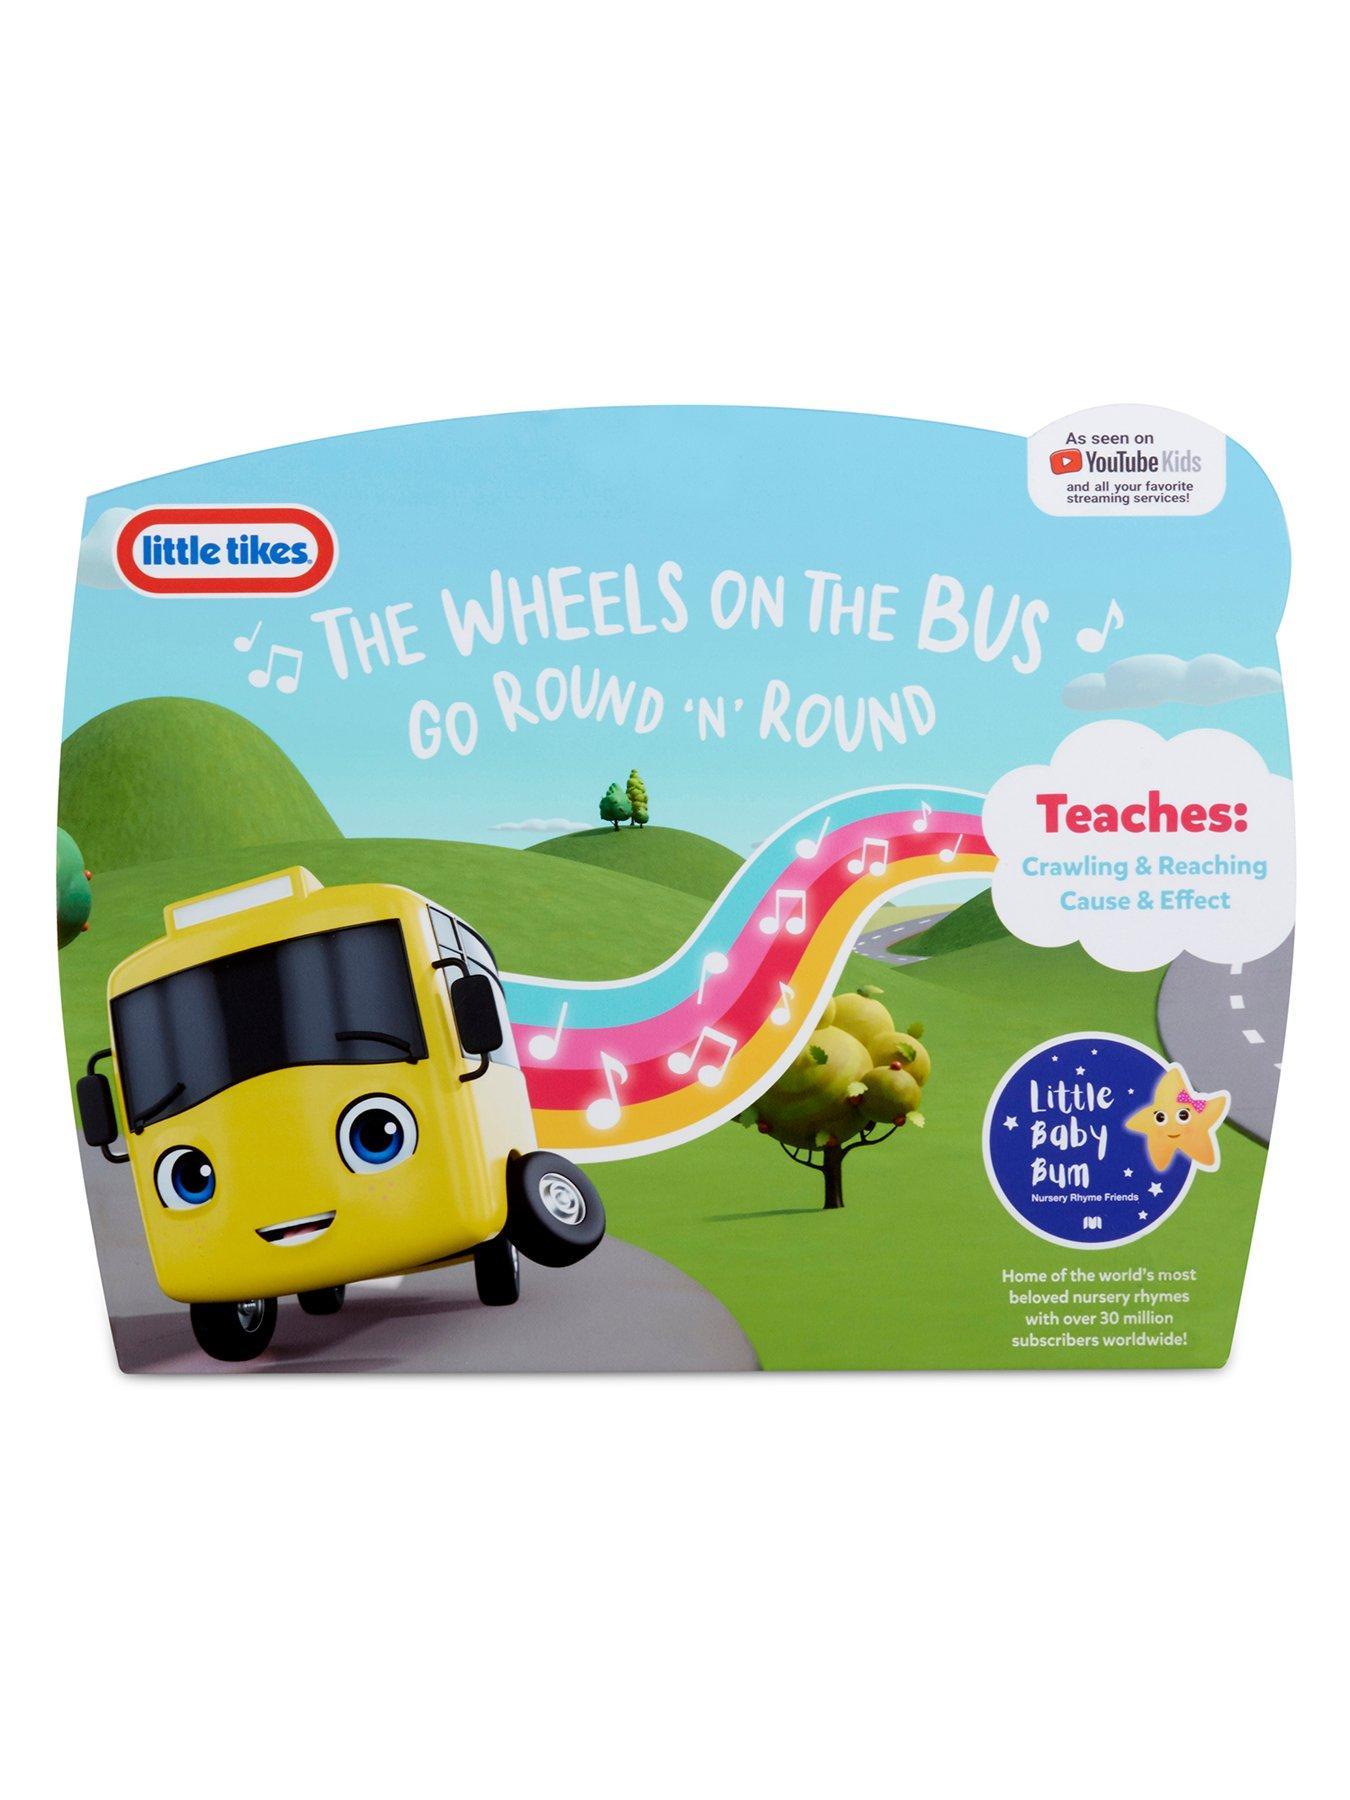 Little Baby Bum The Wheels On The Bus : little, wheels, Little, Wiggling, Wheels, Very.co.uk